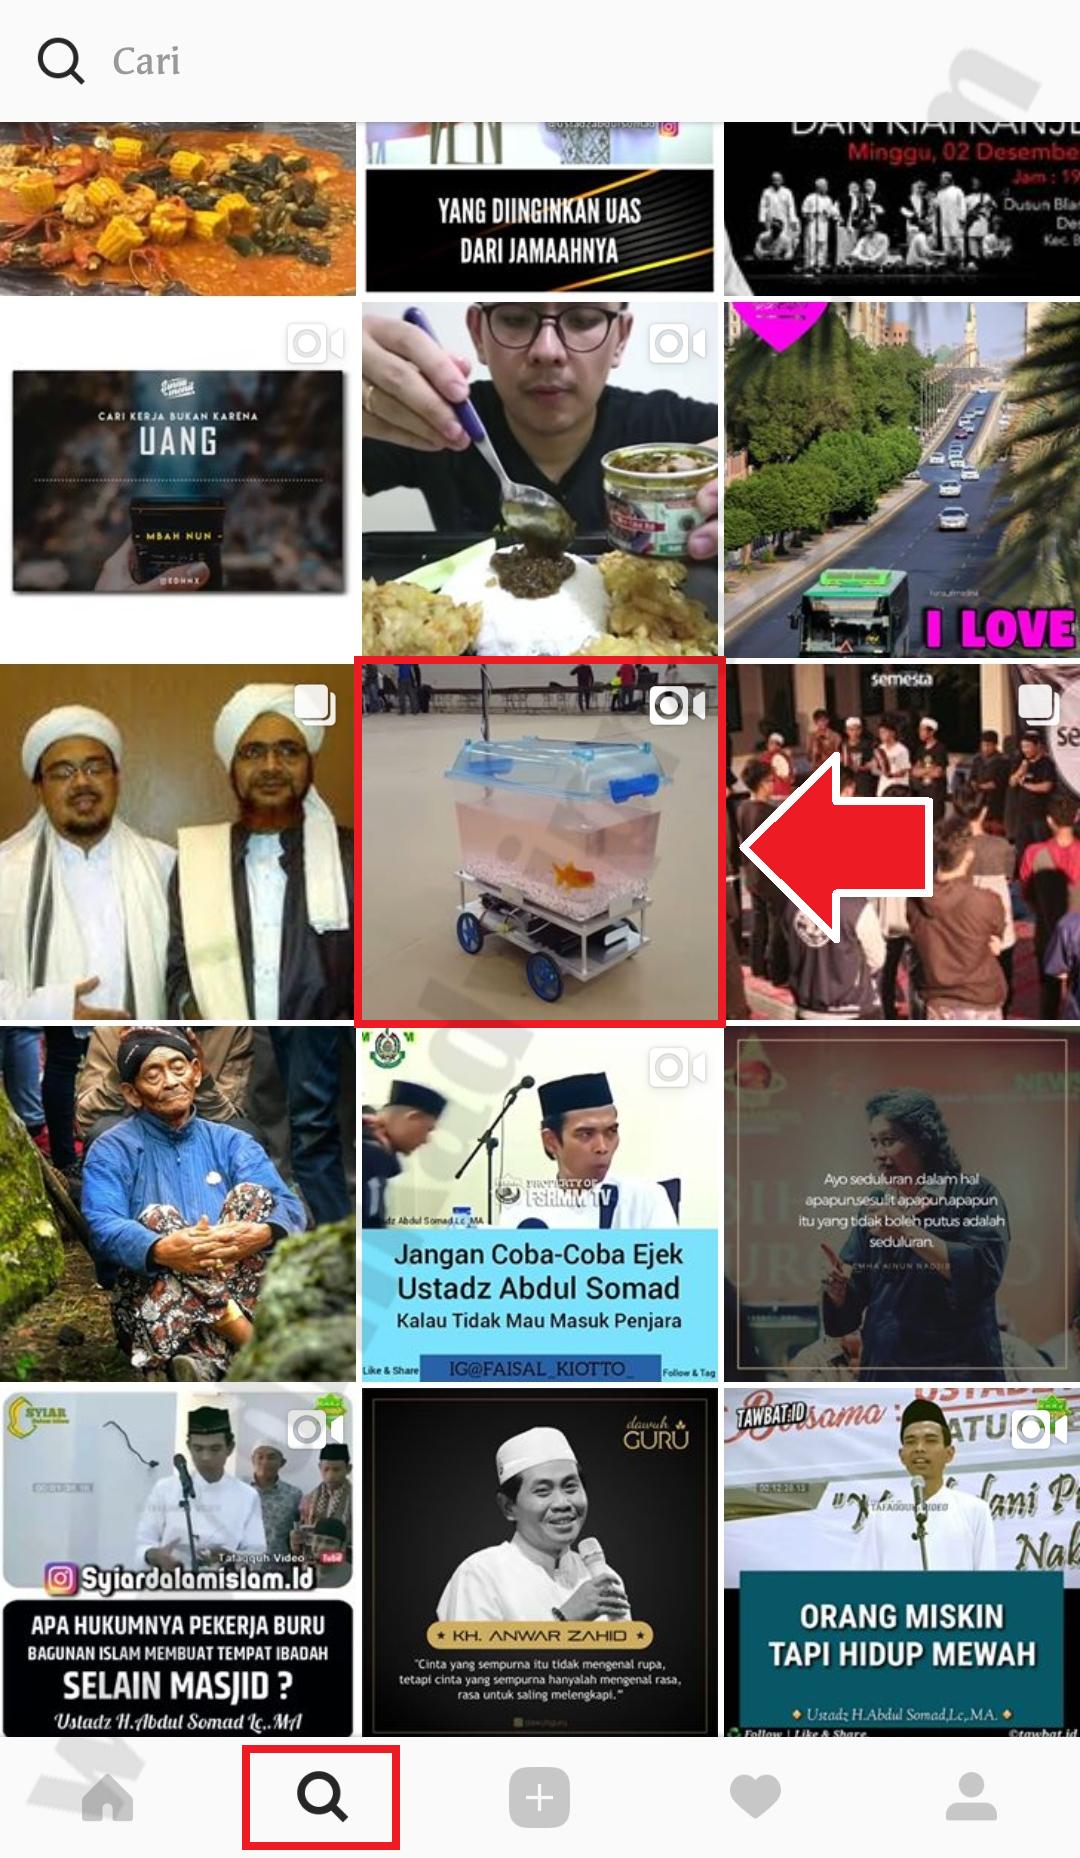 tutorial-cara-download-video-instagram-di-android3-dhikadwipradya